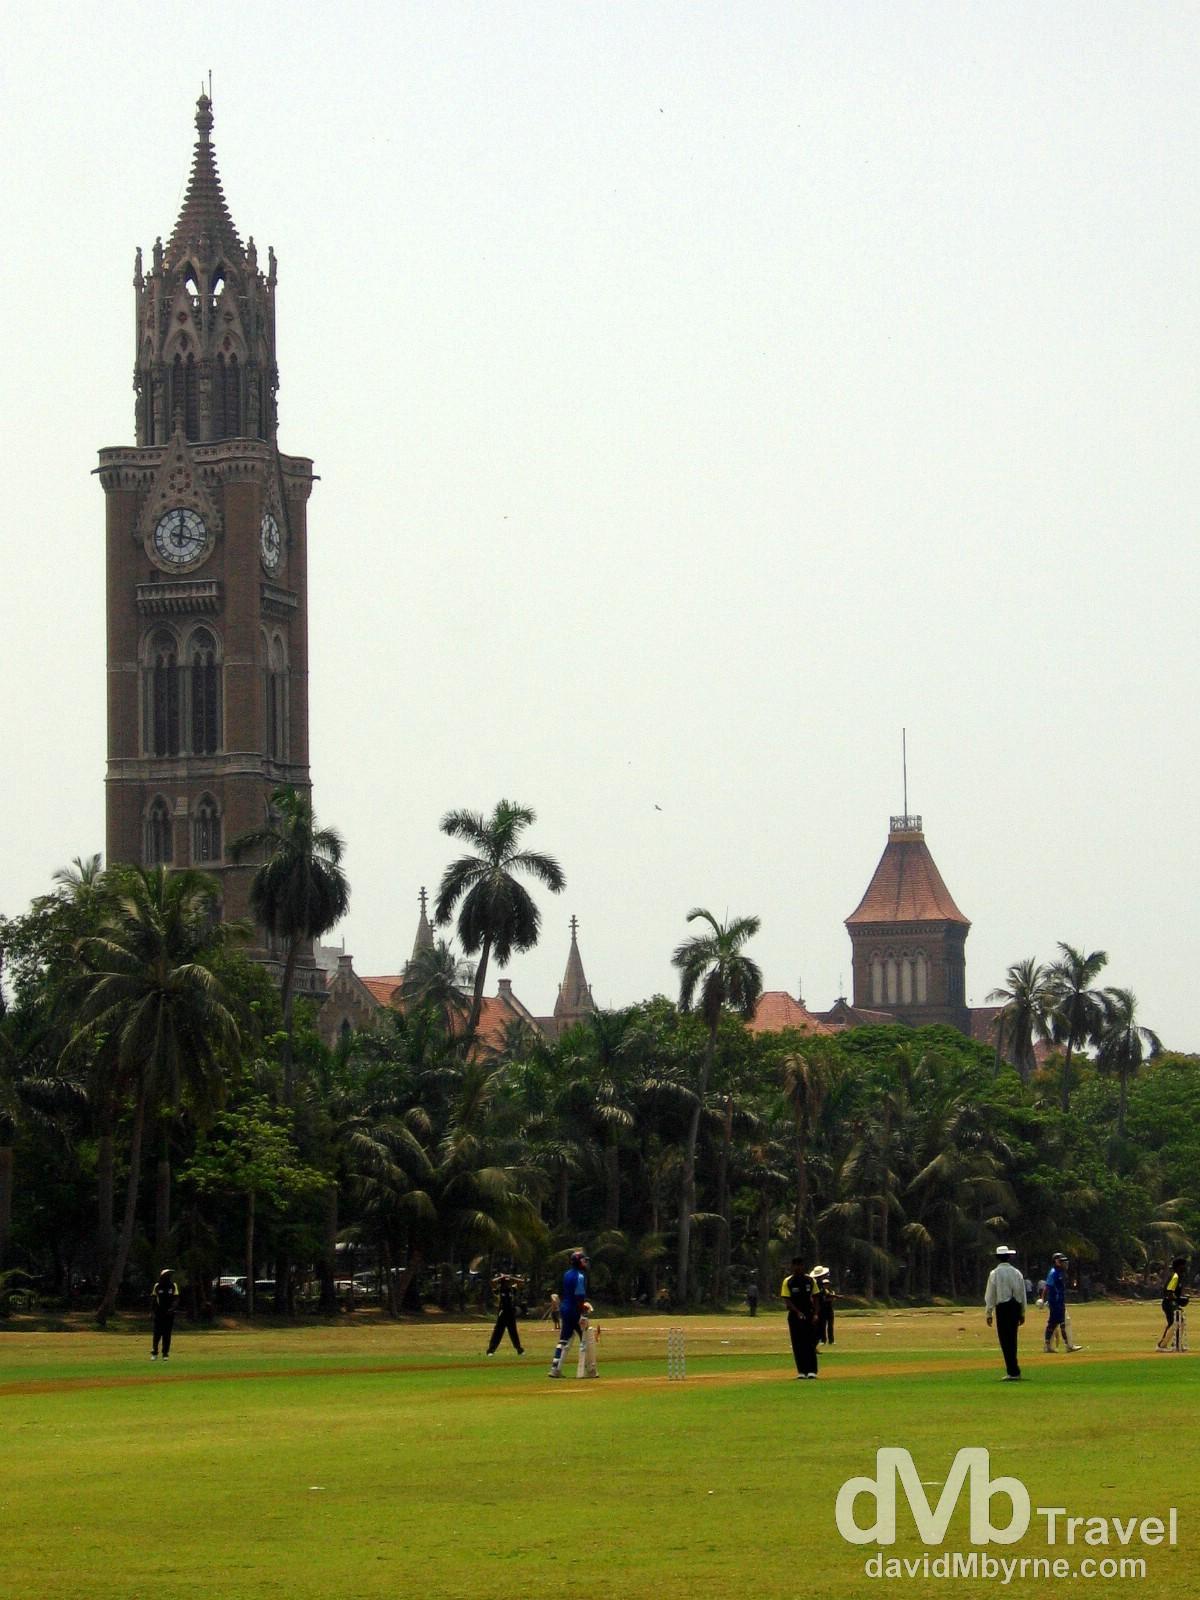 A game of cricket on the Oval Maidan in Mumbai/Bombay, Maharashtra, India. April 4, 2008.